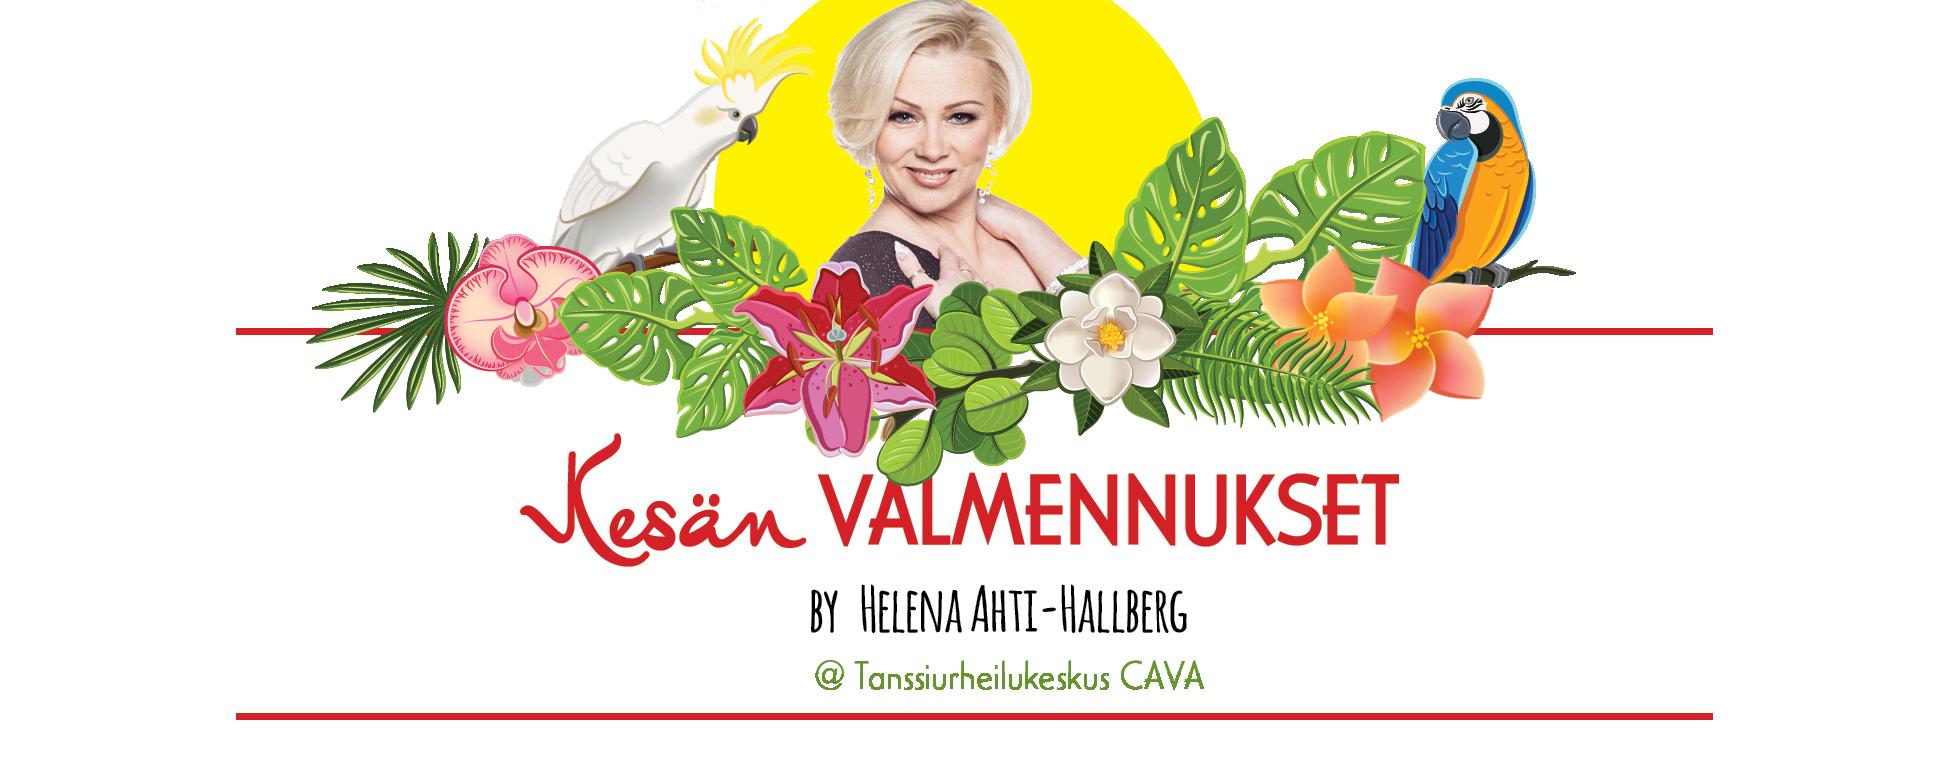 Helena Ahti-Hallberg lattarivalmennus